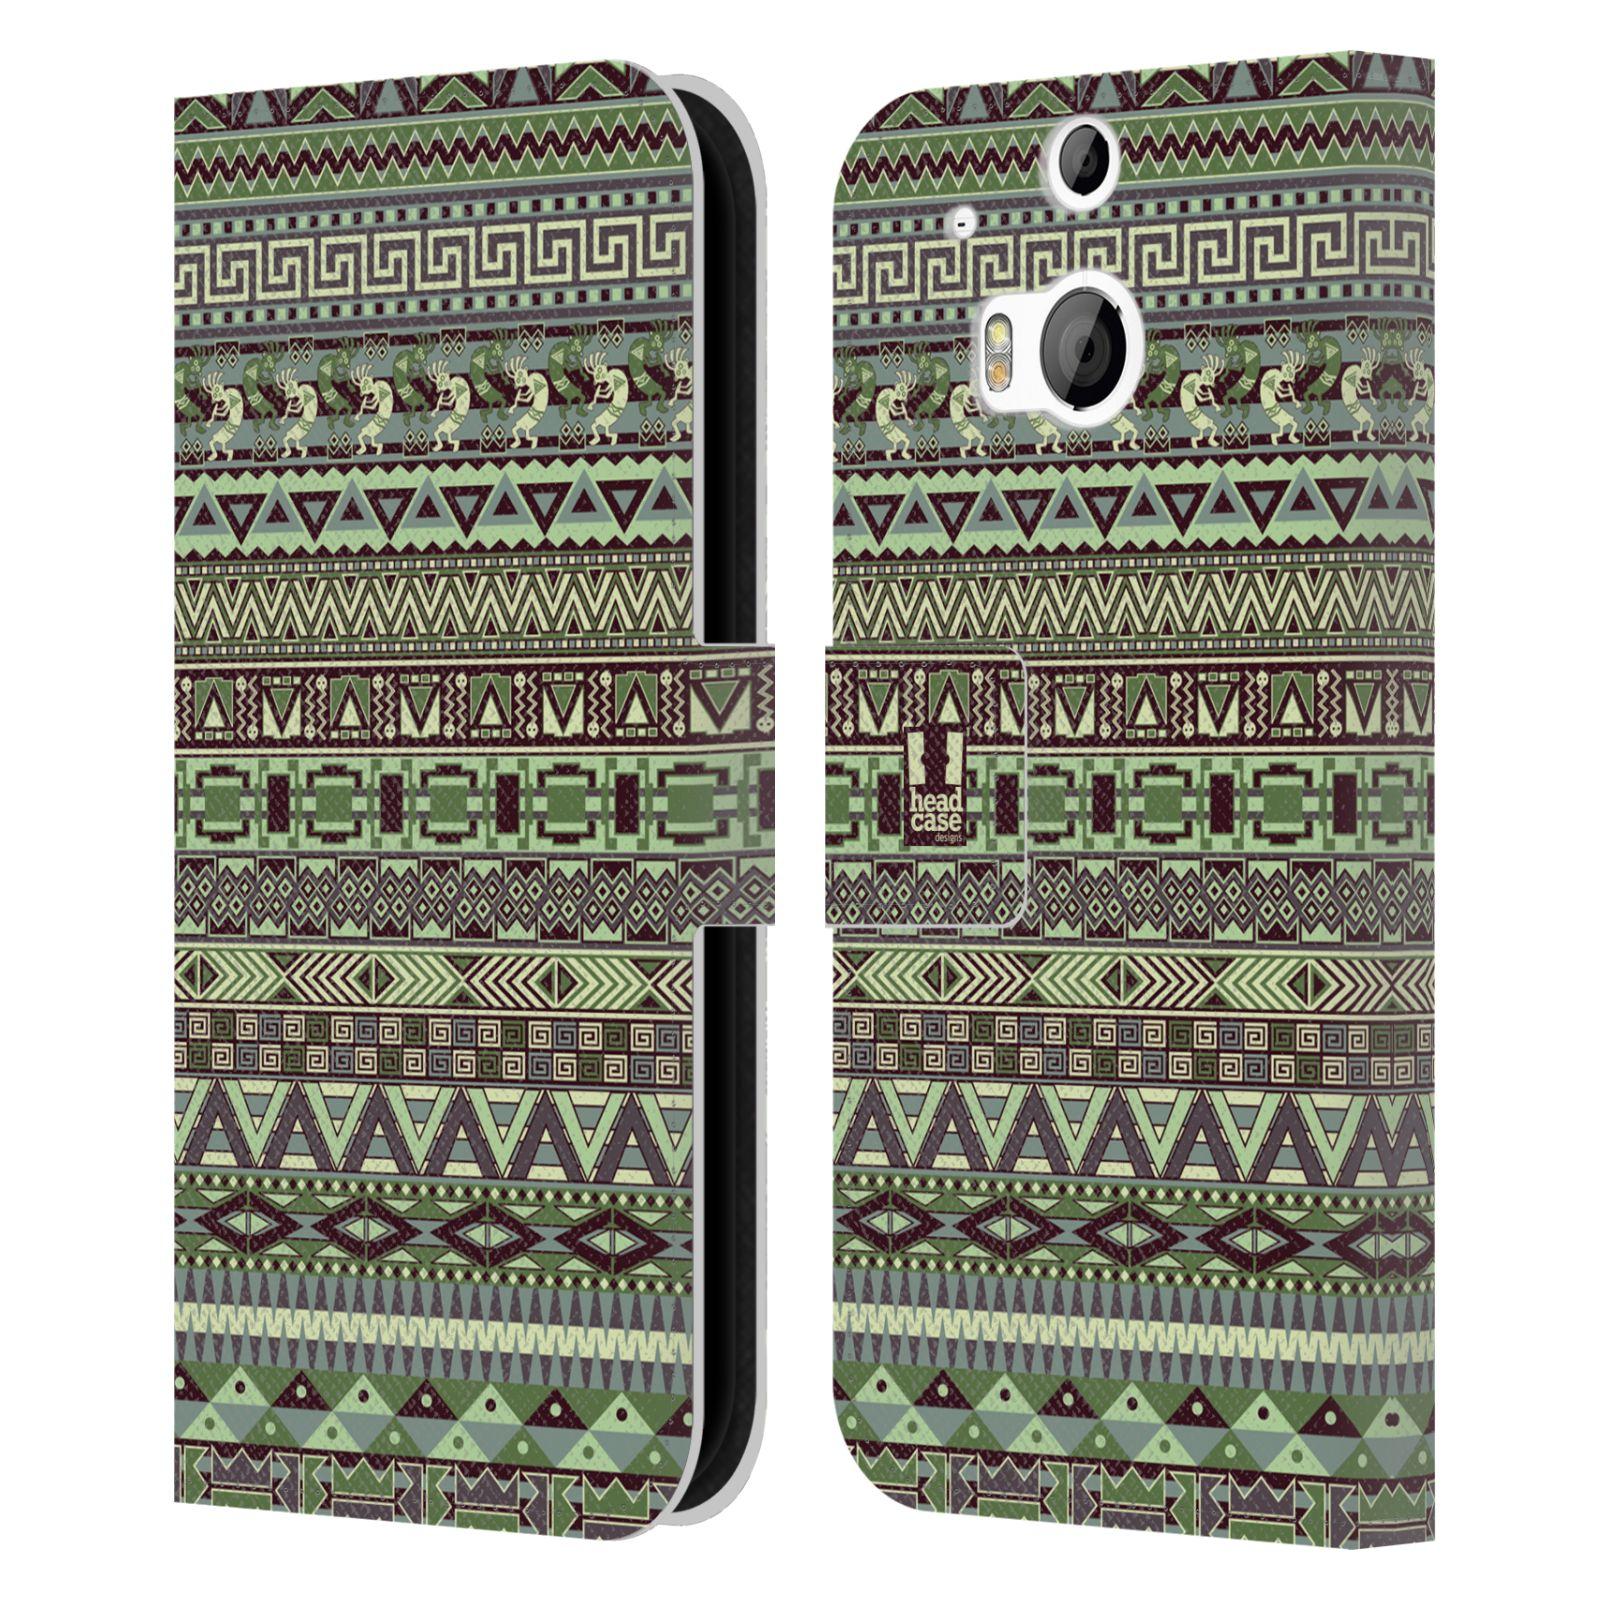 HEAD CASE Flipové pouzdro pro mobil HTC ONE (M8, M8s) Indiánský vzor GREEN zelená